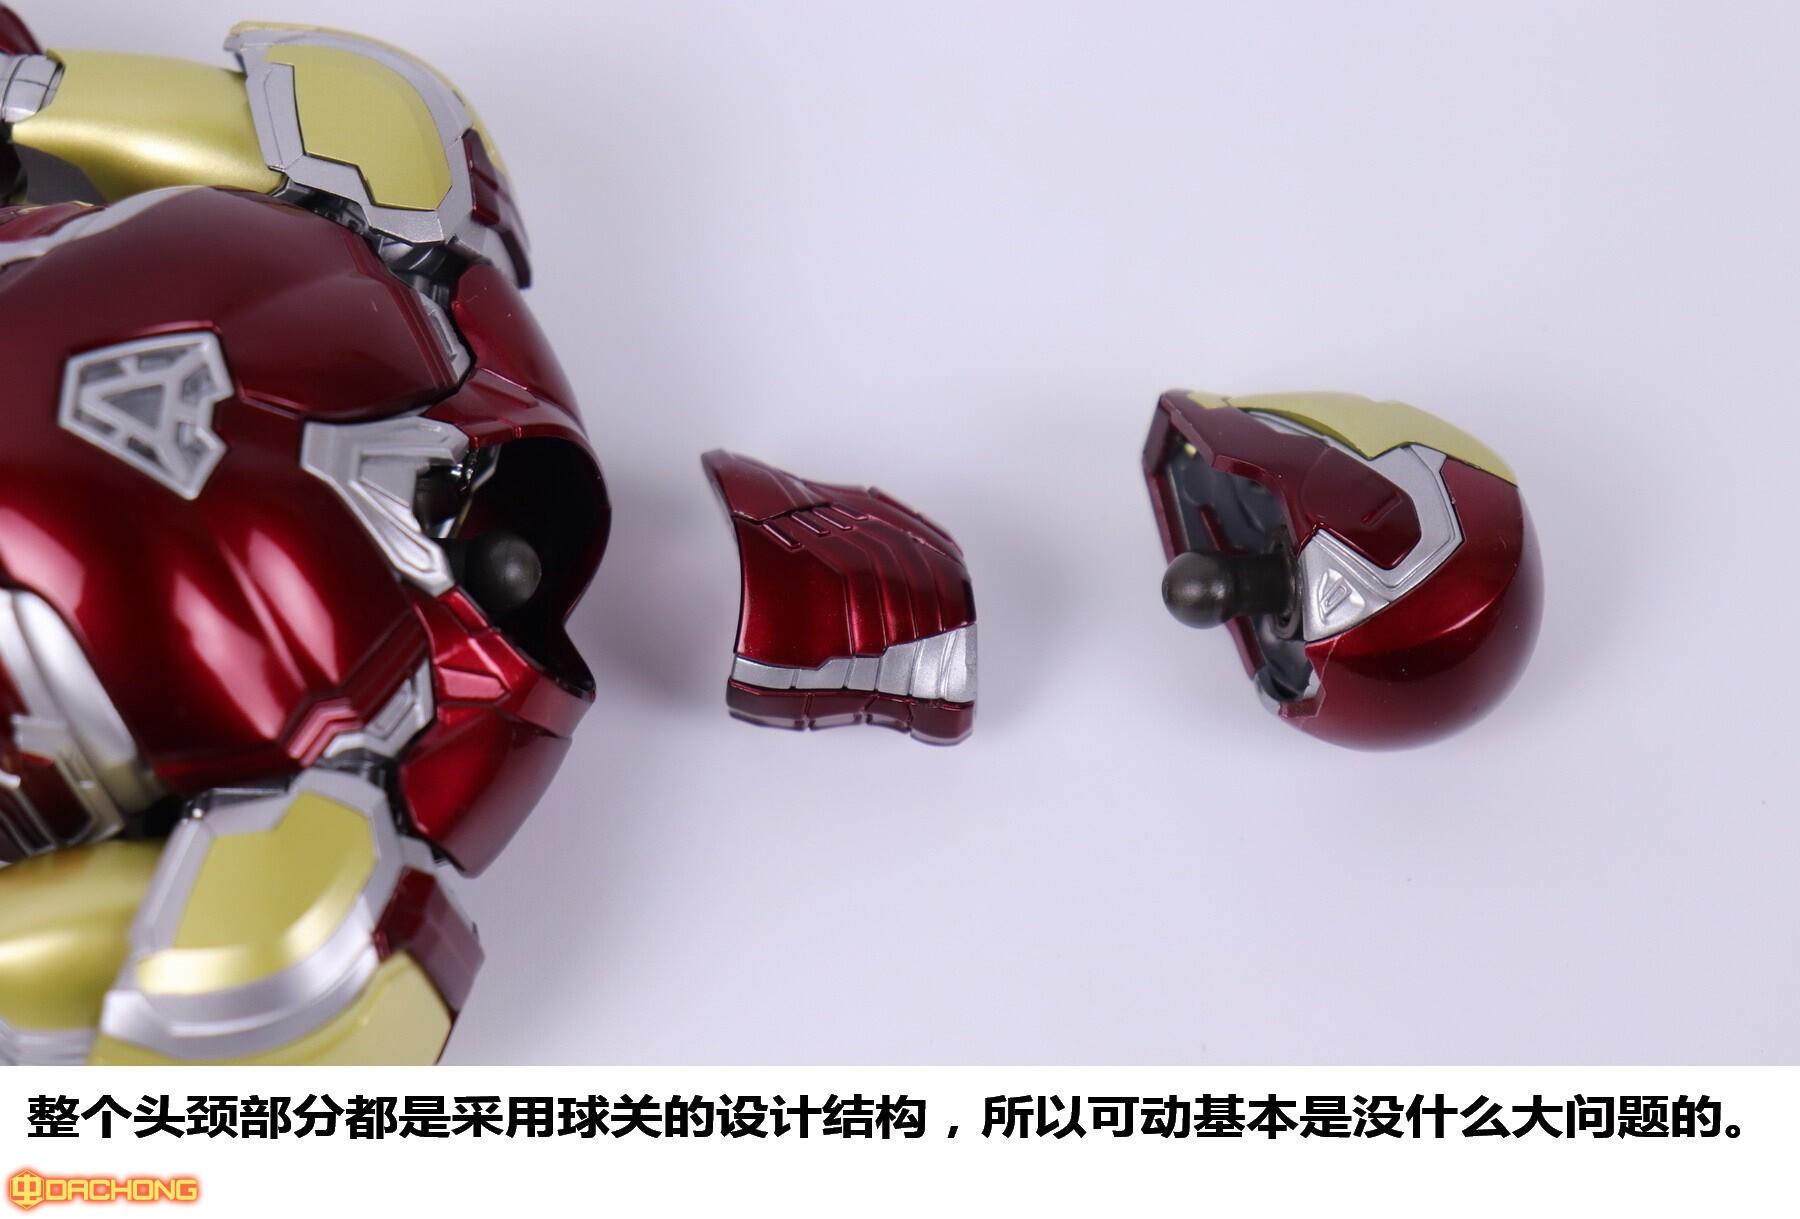 S498_2_e_model_ironman_mk85_dx_038.jpg